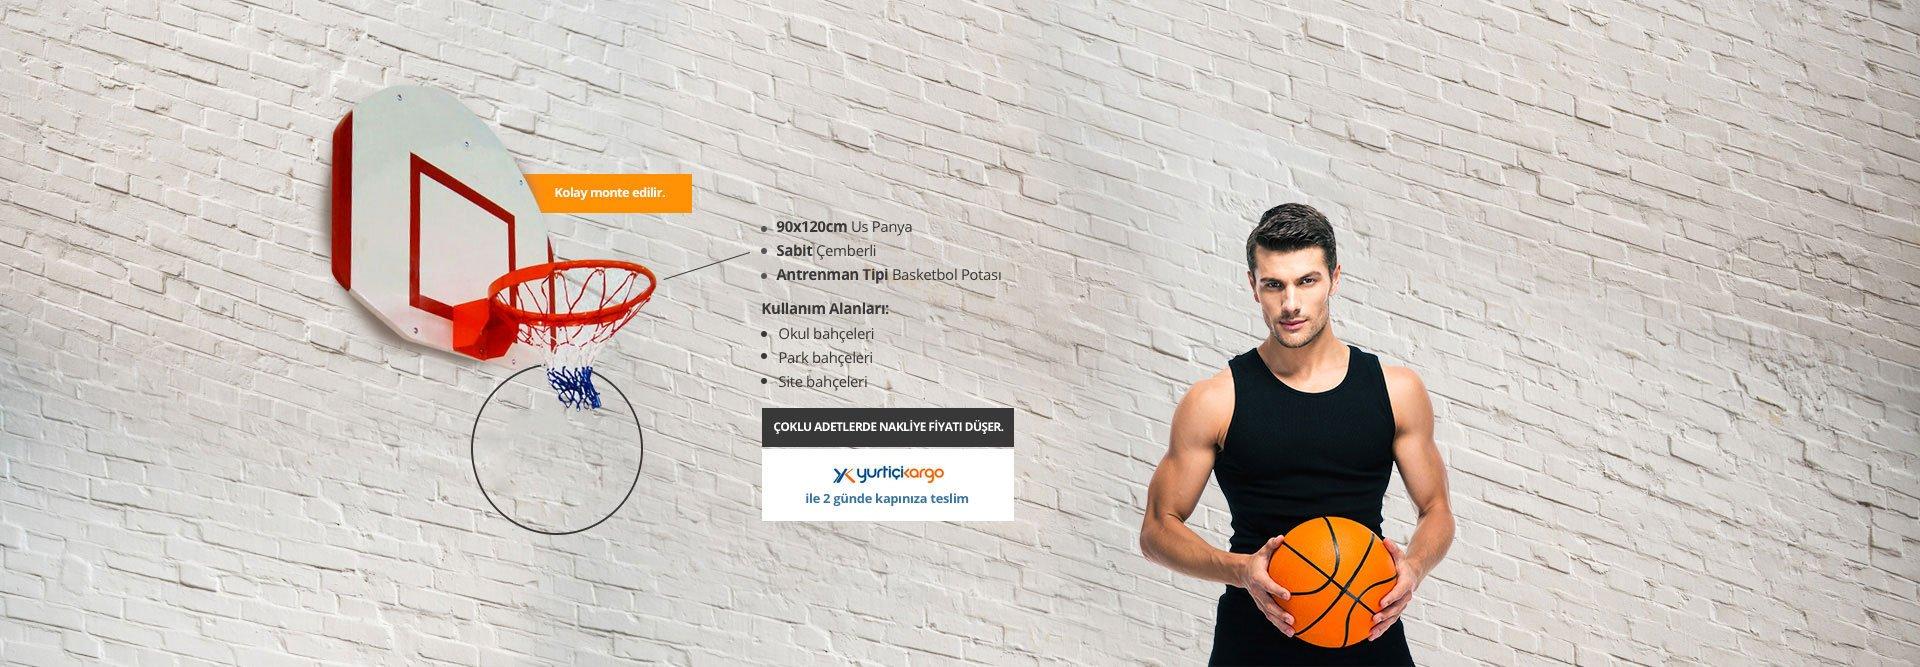 PN035 - Duvardan Çıkma Basketbol Potaları